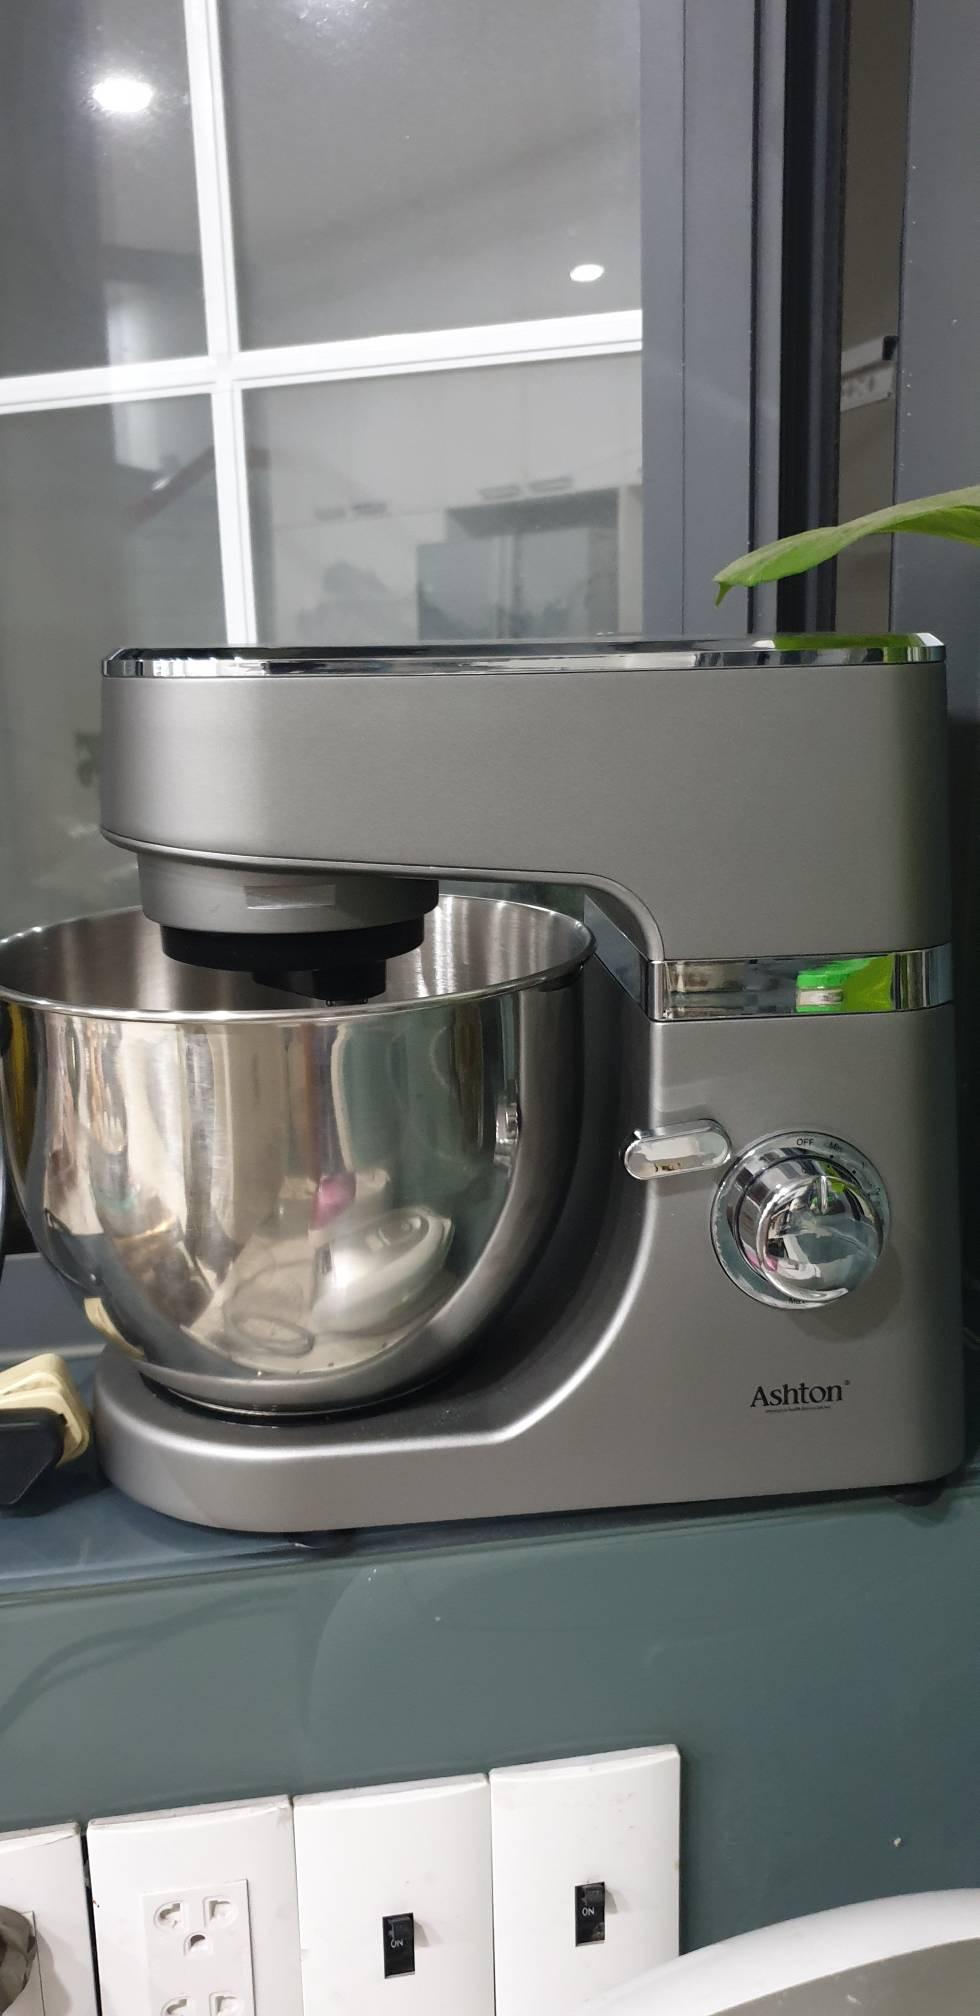 Máy nhào bột máy trộn bột đánh trứng đa năng US Ashton SM350 1200W - 45L:  Mua bán trực tuyến Máy chế biến thức ăn với giá rẻ